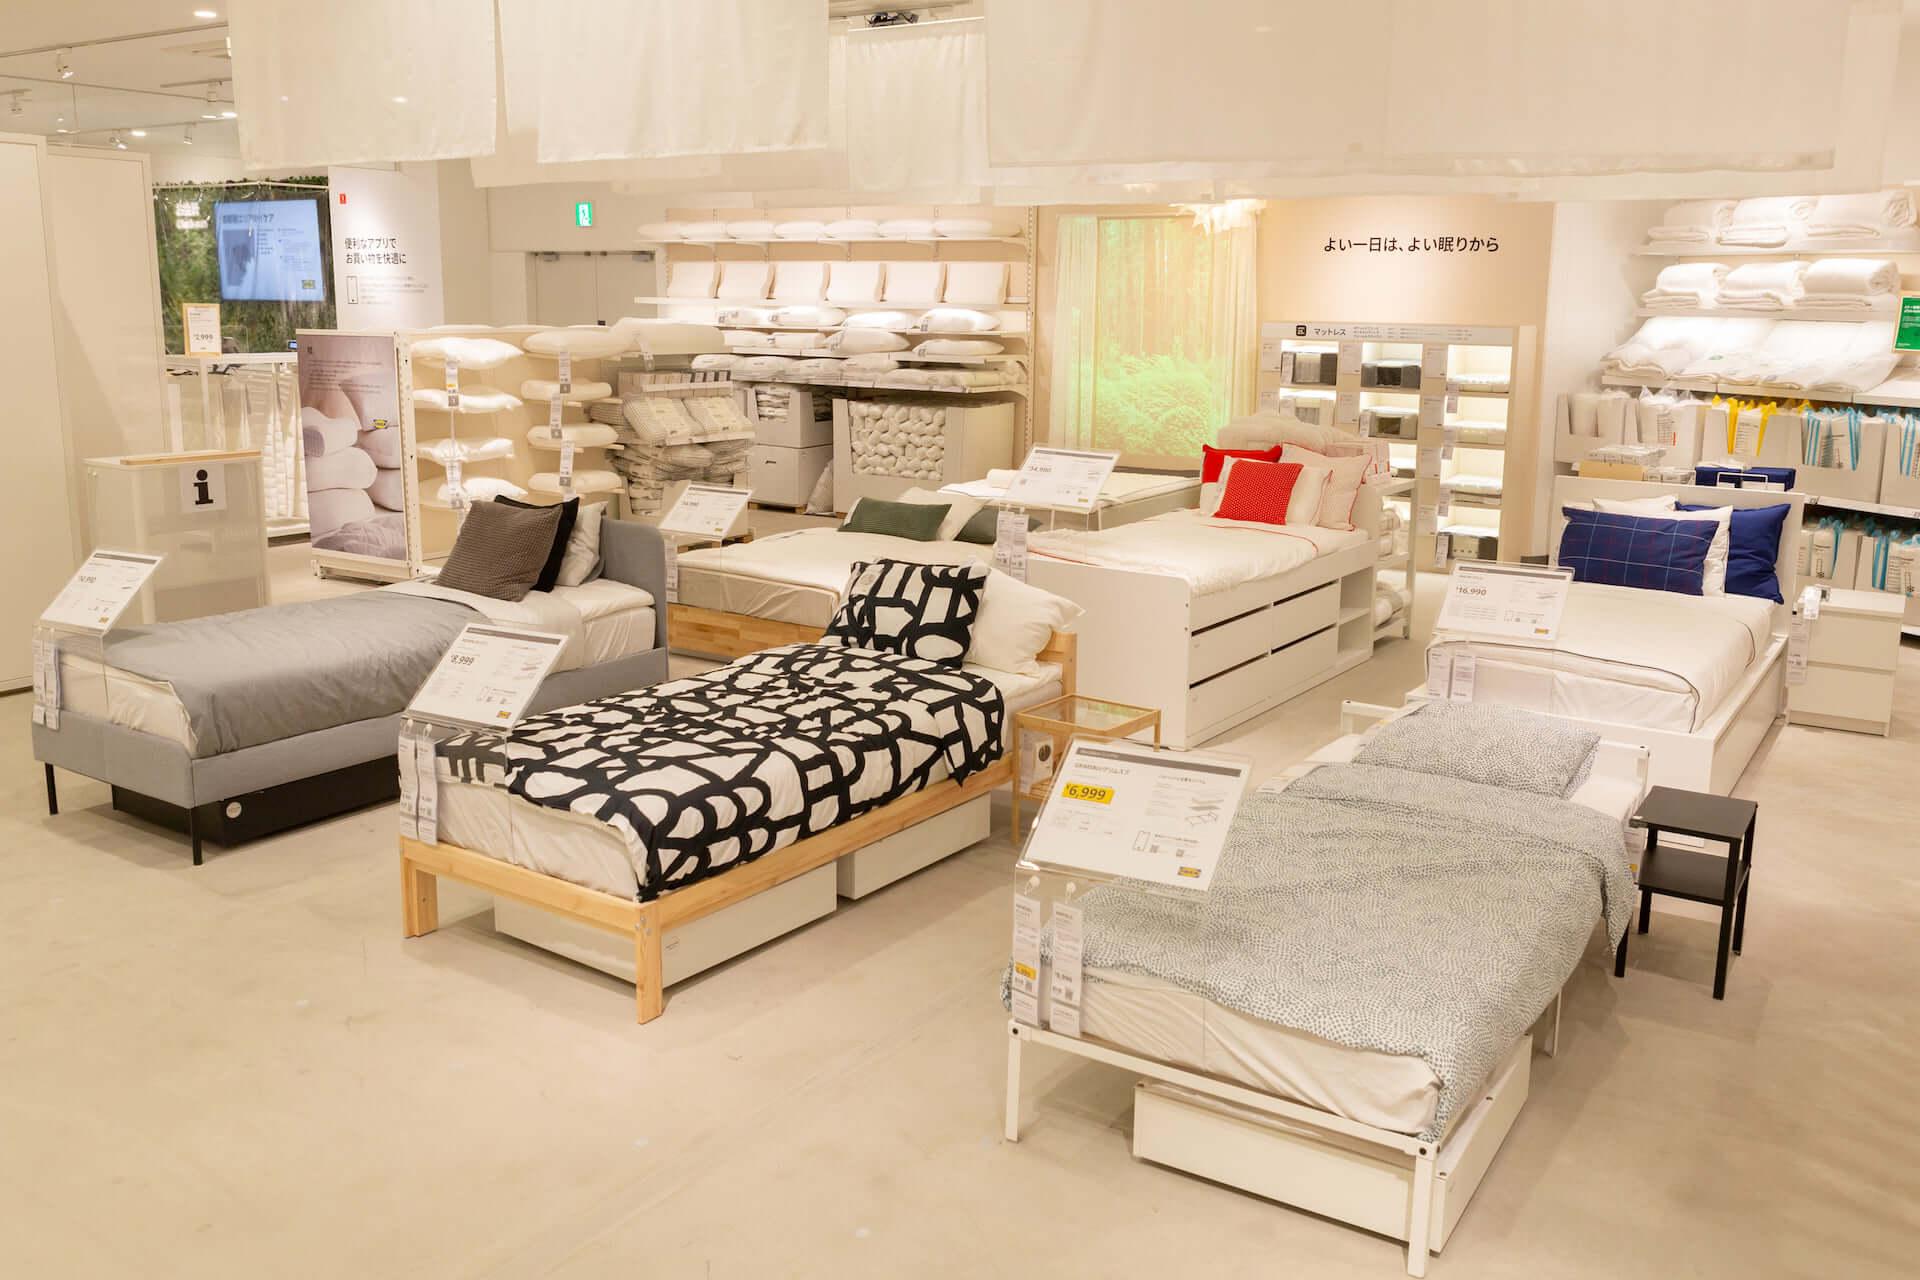 IKEAがついに原宿に登場!WITH HARAJUKUに6月8日オープン決定&内装も一部公開 lf200604_ikea_harajuku_8-1920x1280